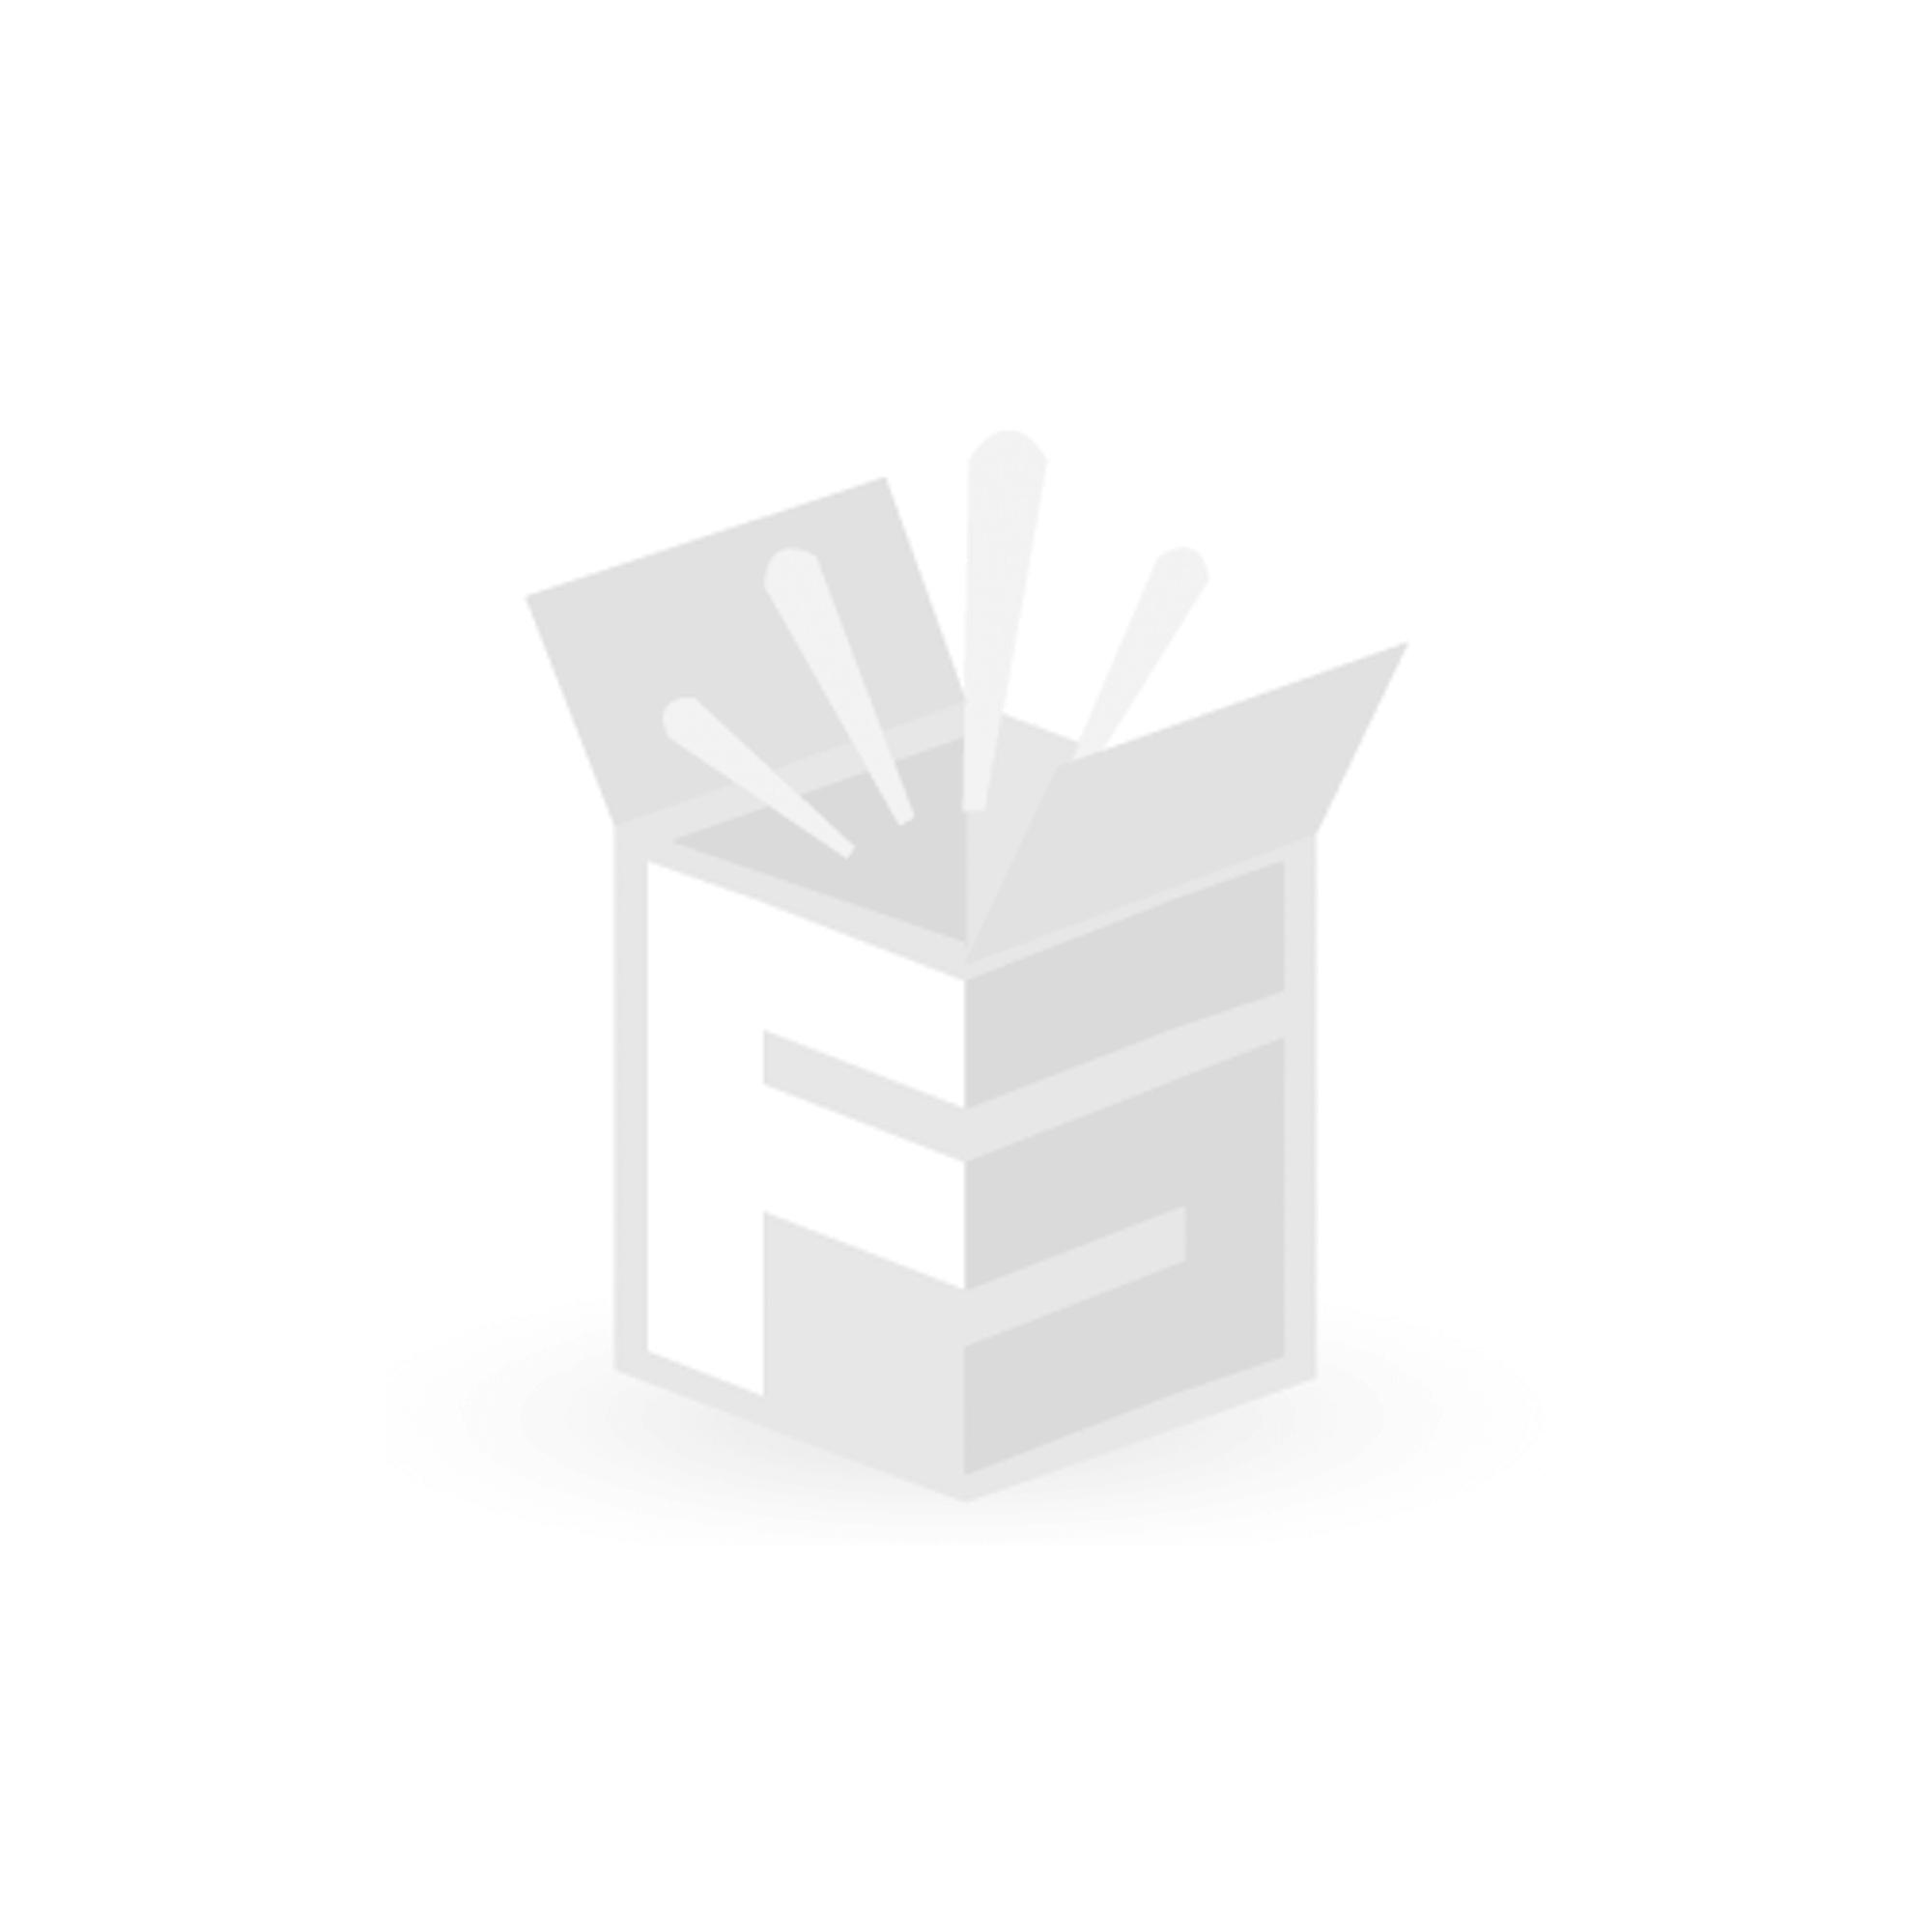 Gutschein für den Frankenspaltershop in Buchs CHF 50.00